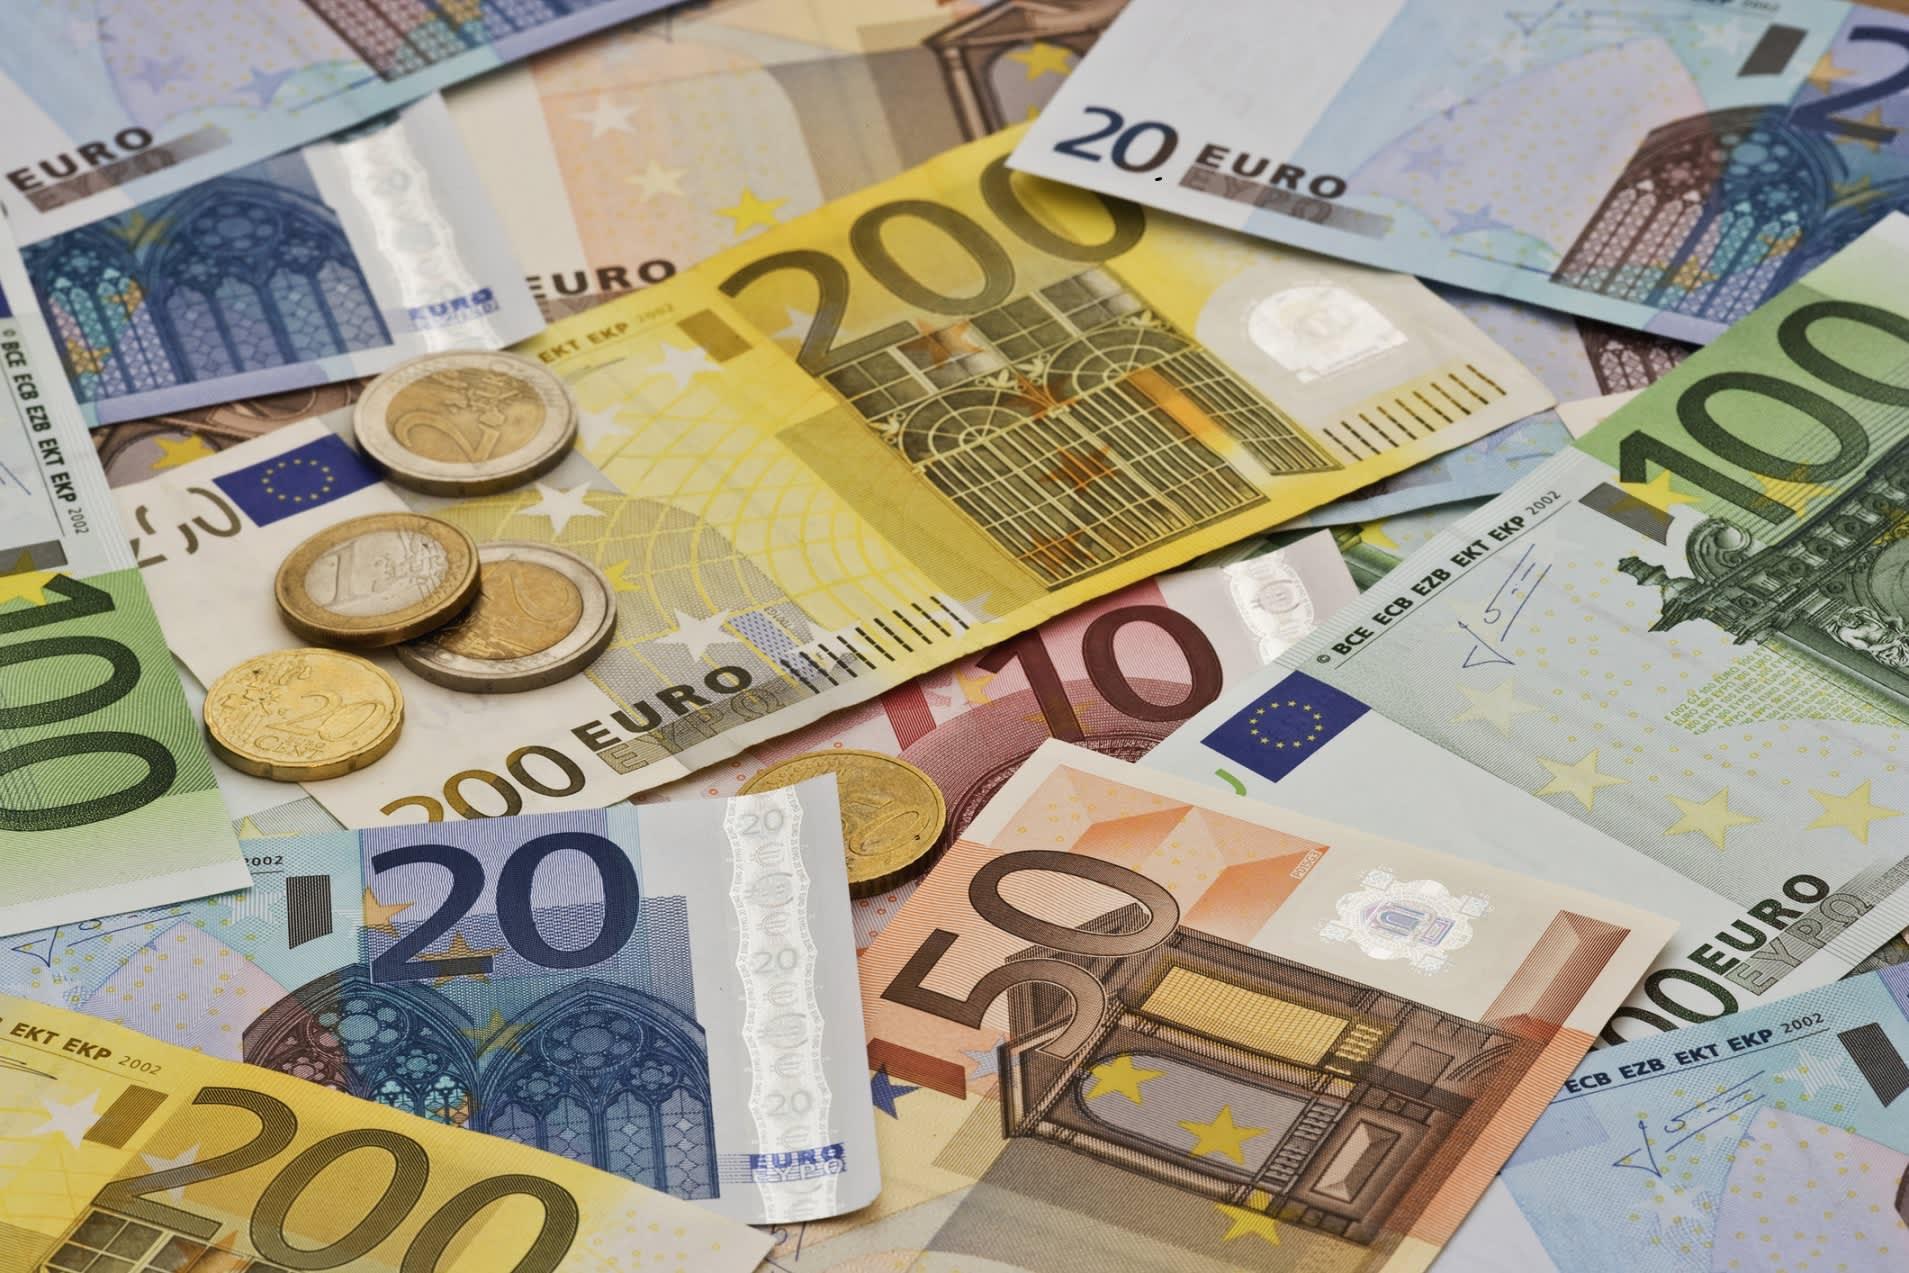 Premium: Euro notes 171120